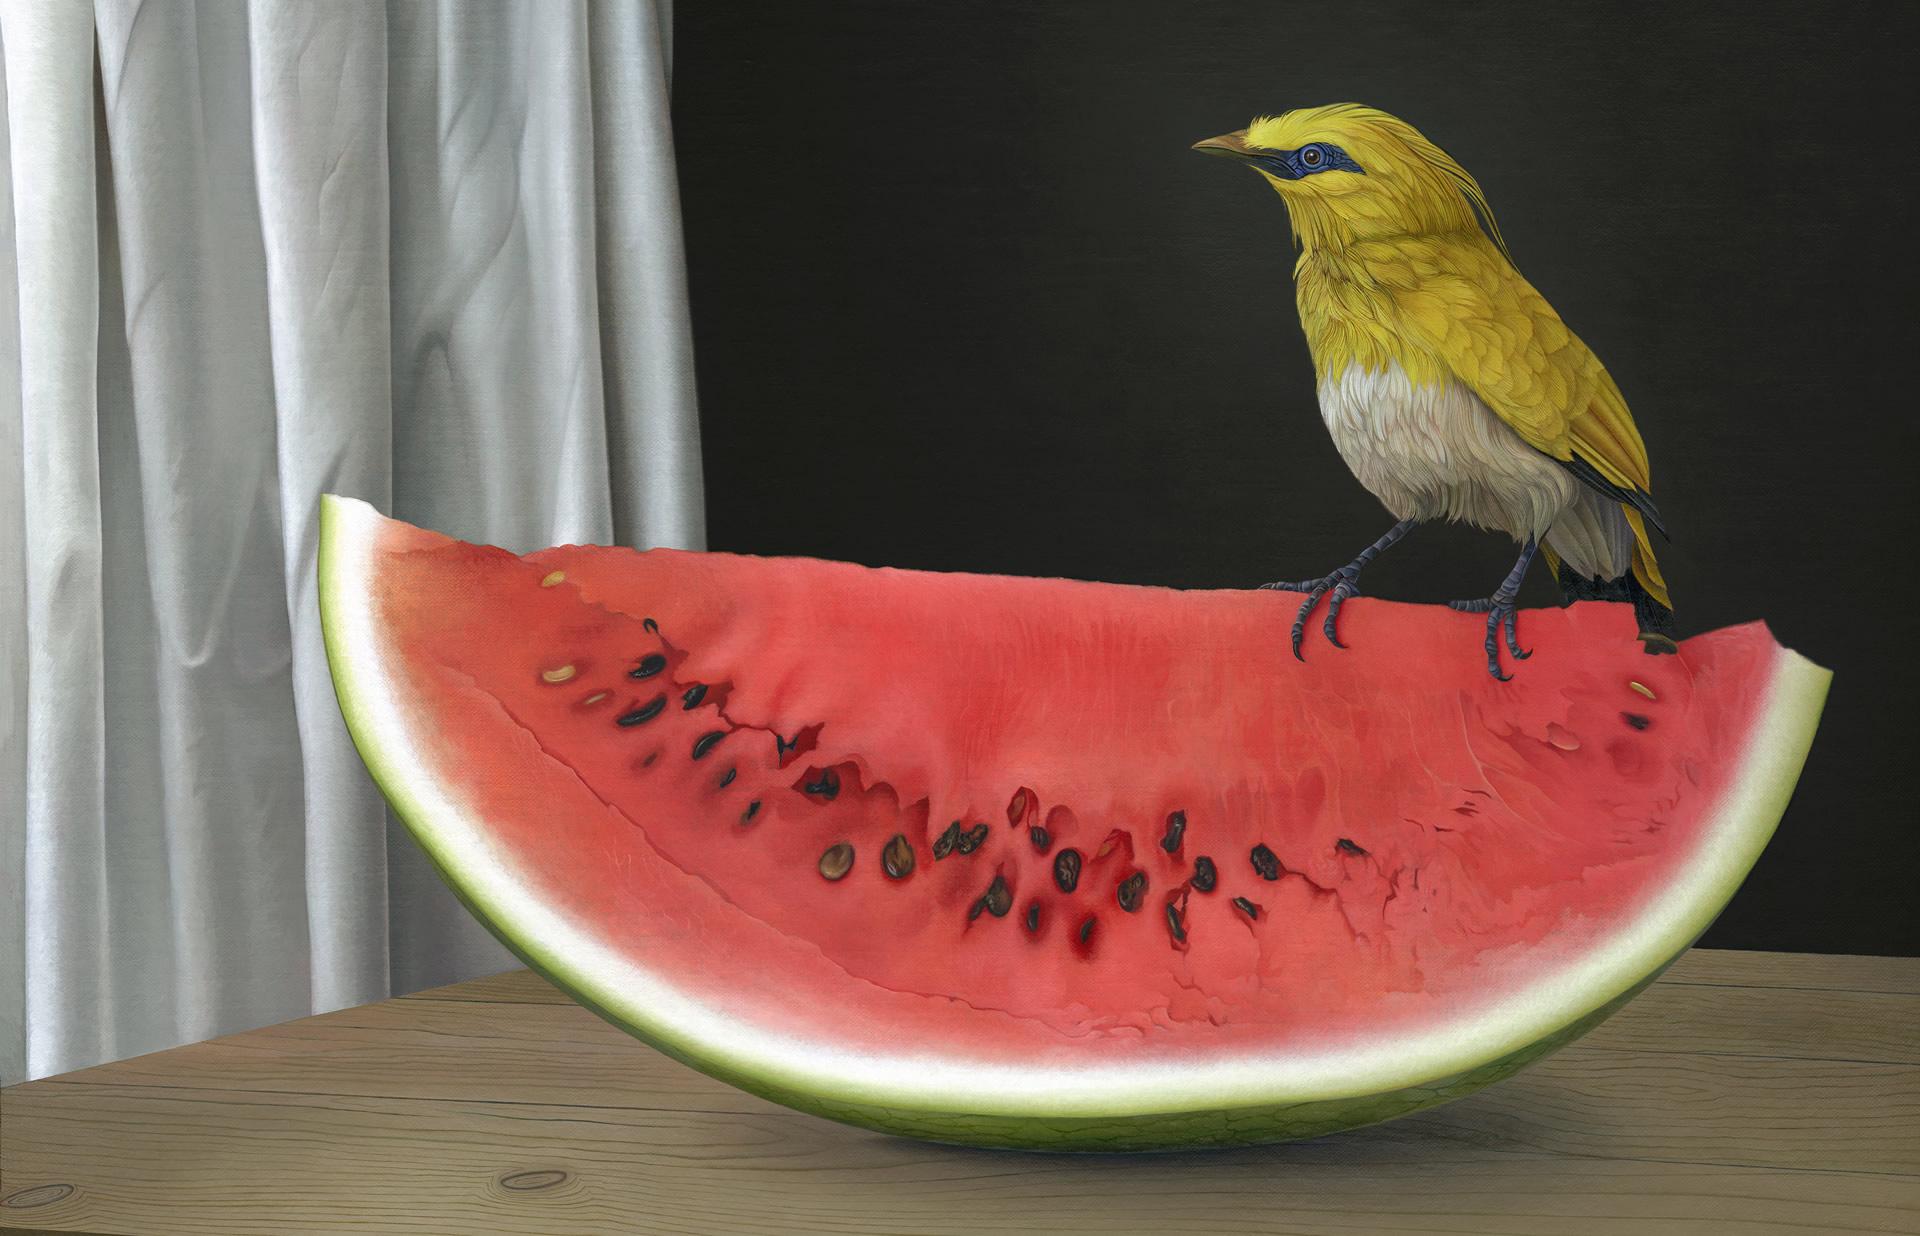 Marco-Tulio-Watermelon-Online-Art-Galleries-1236